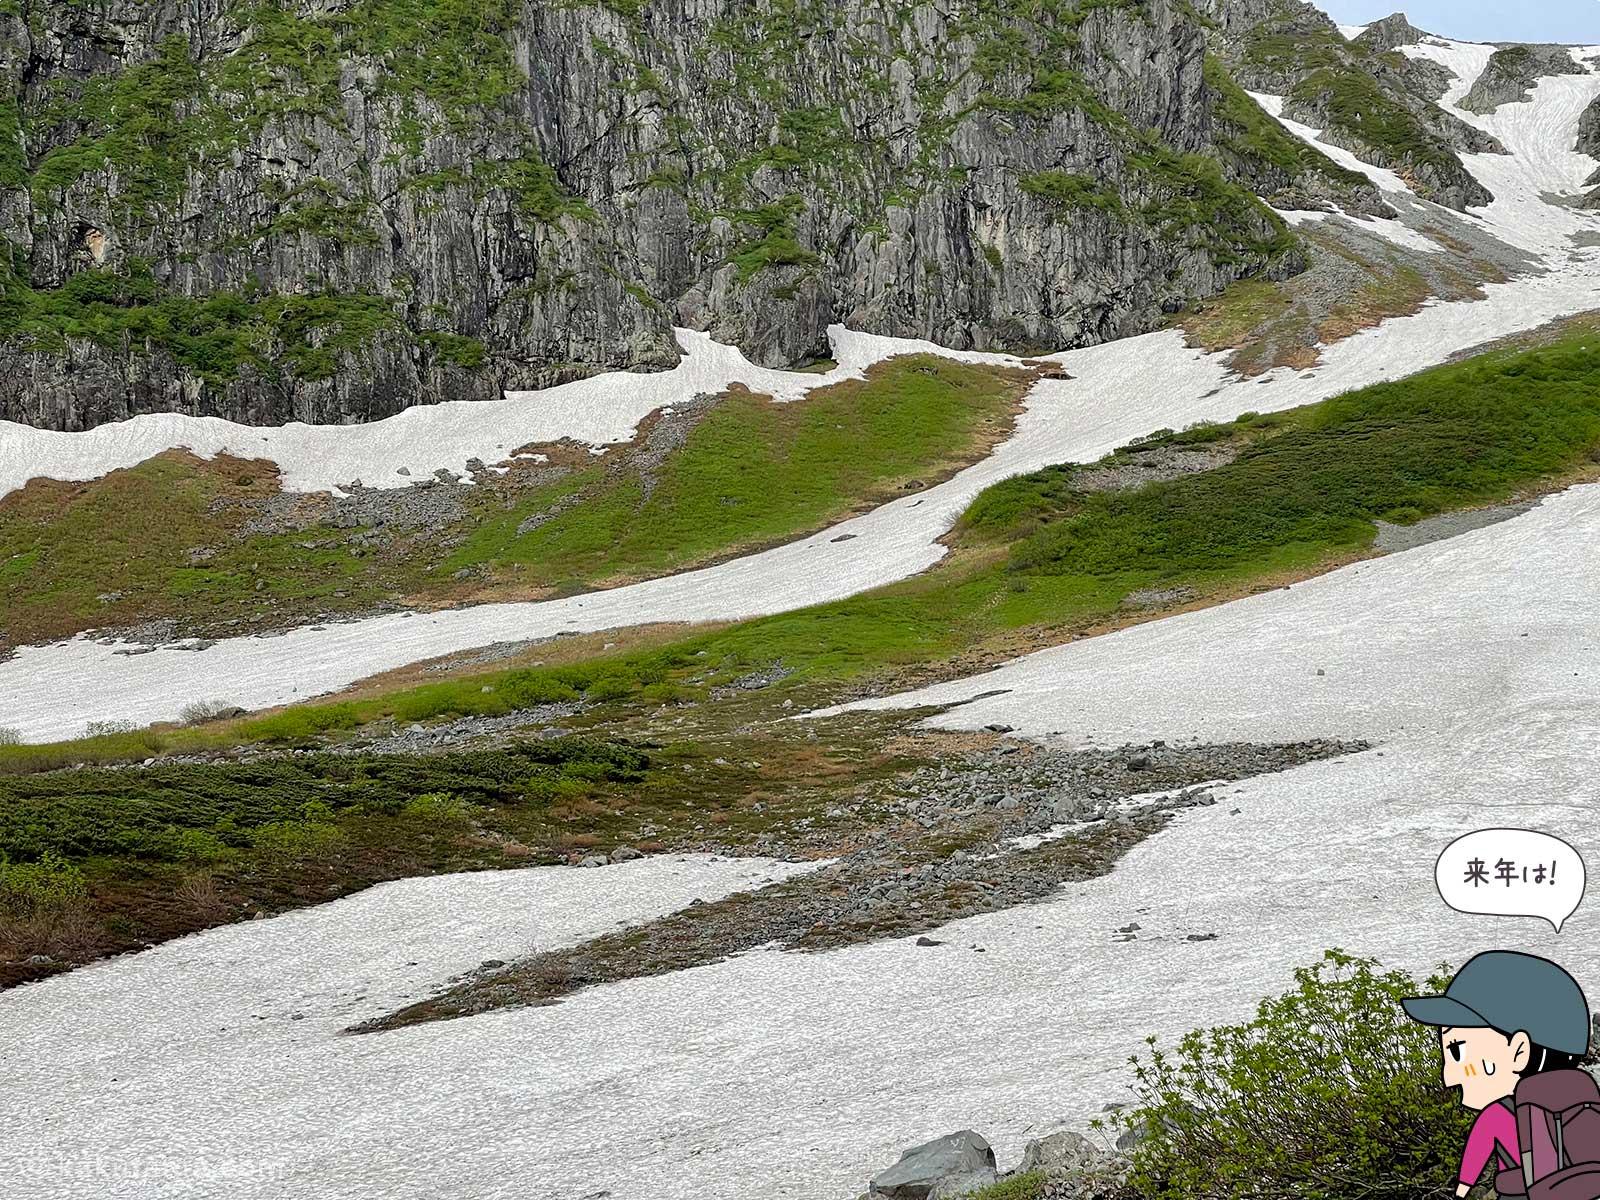 滑落したら滑り落ちて行きそうな雪渓